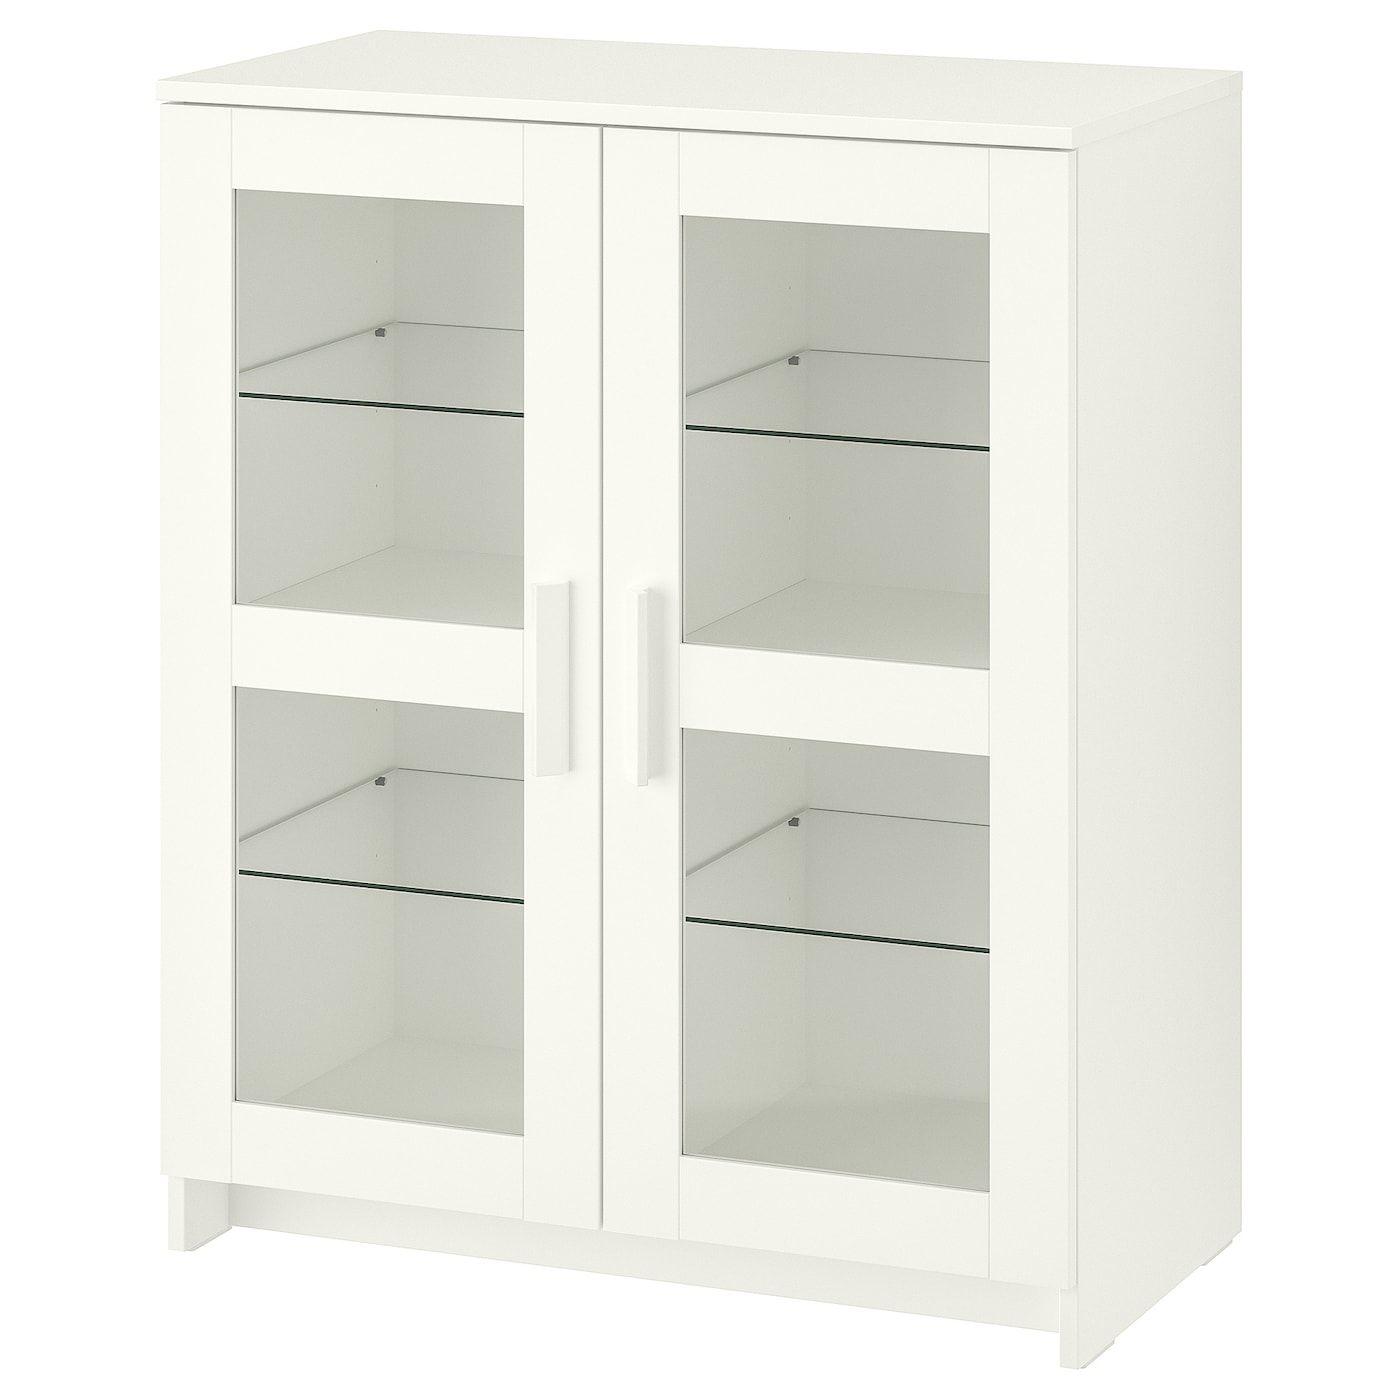 Brimnes Cabinet With Doors Glass White Ikea Cabinet Doors Brimnes Ikea